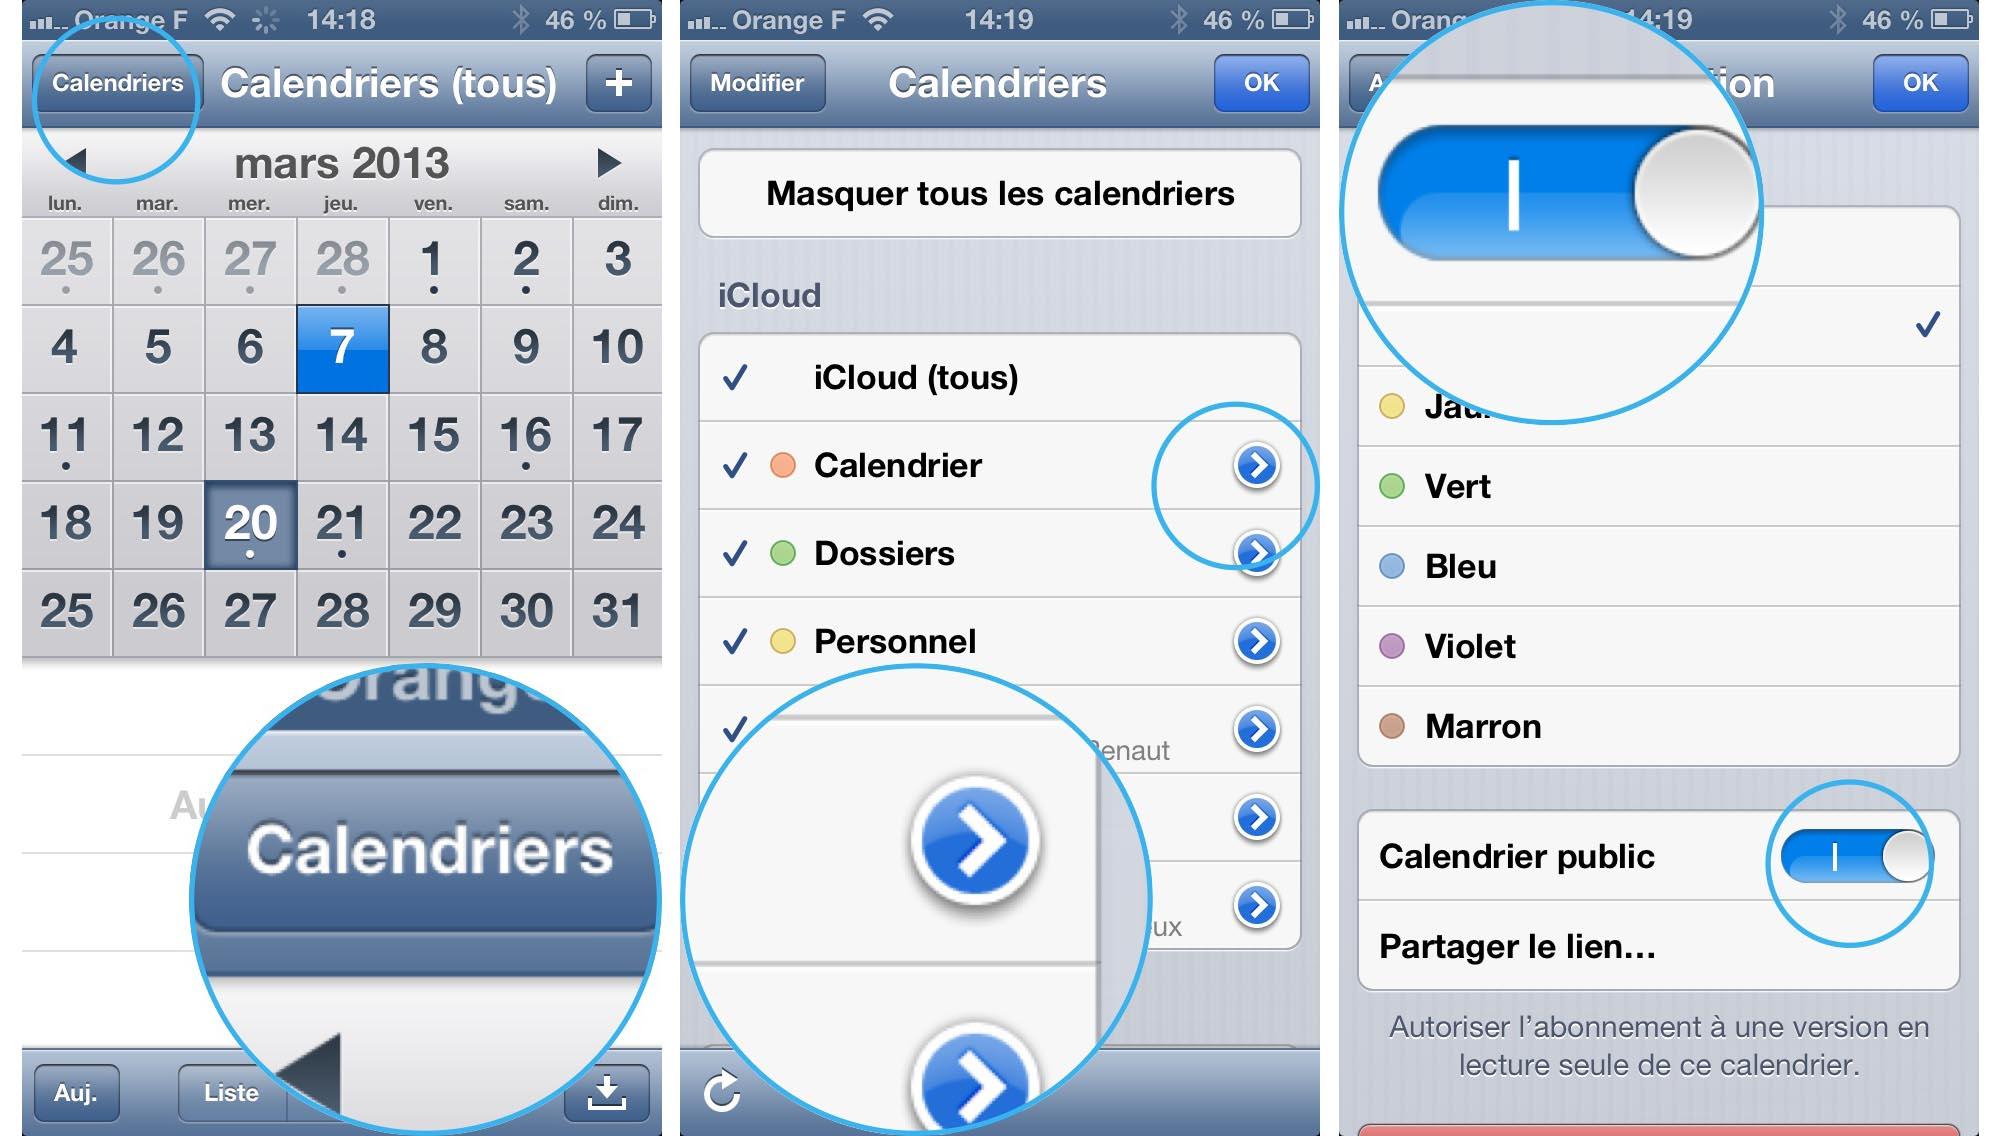 pratique ios partager ou rendre un calendrier public depuis l 39 iphone ou l 39 ipad. Black Bedroom Furniture Sets. Home Design Ideas